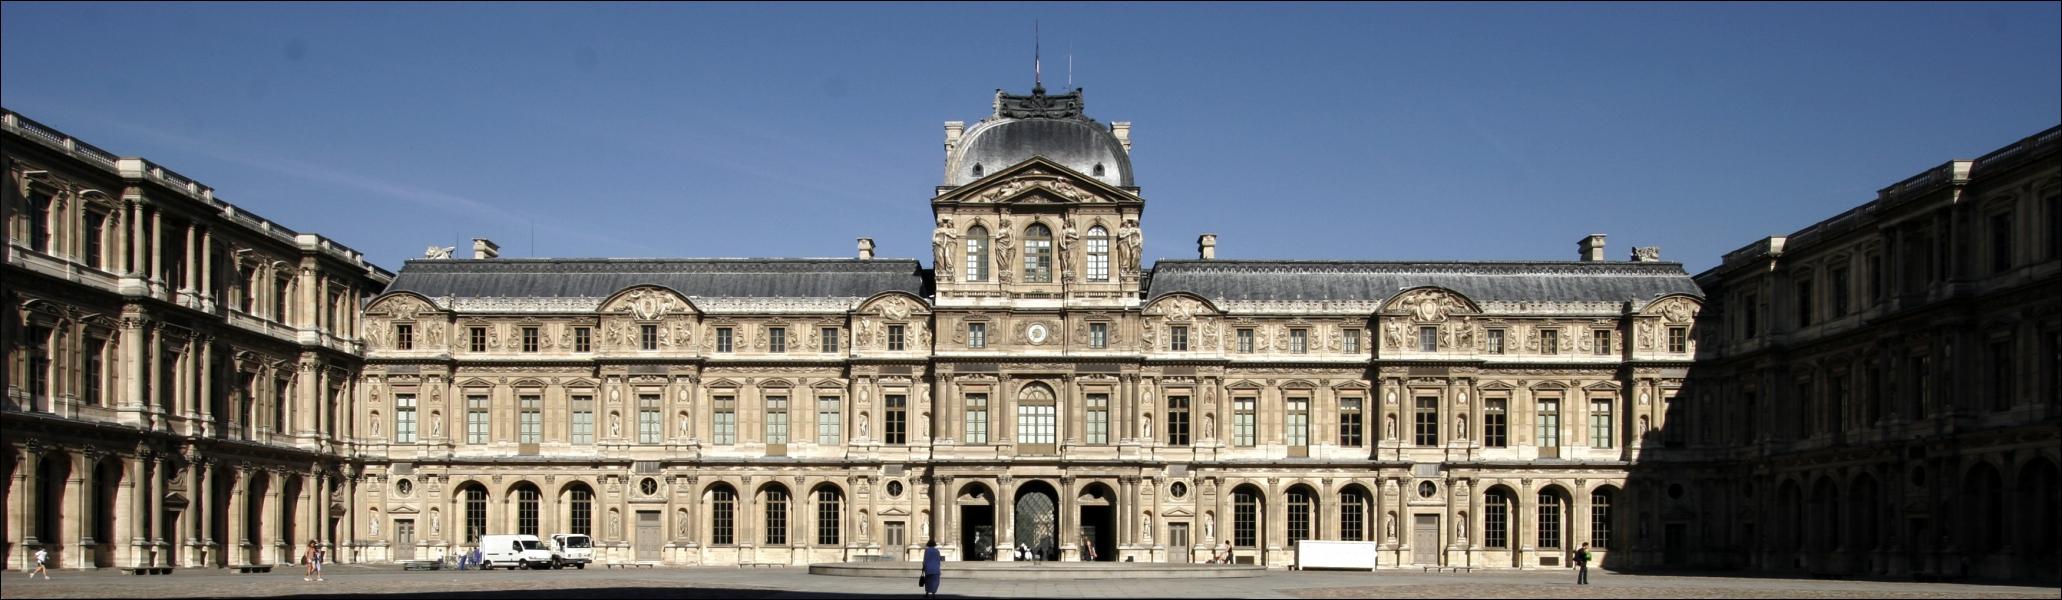 Louis XIV part du palais du ... .